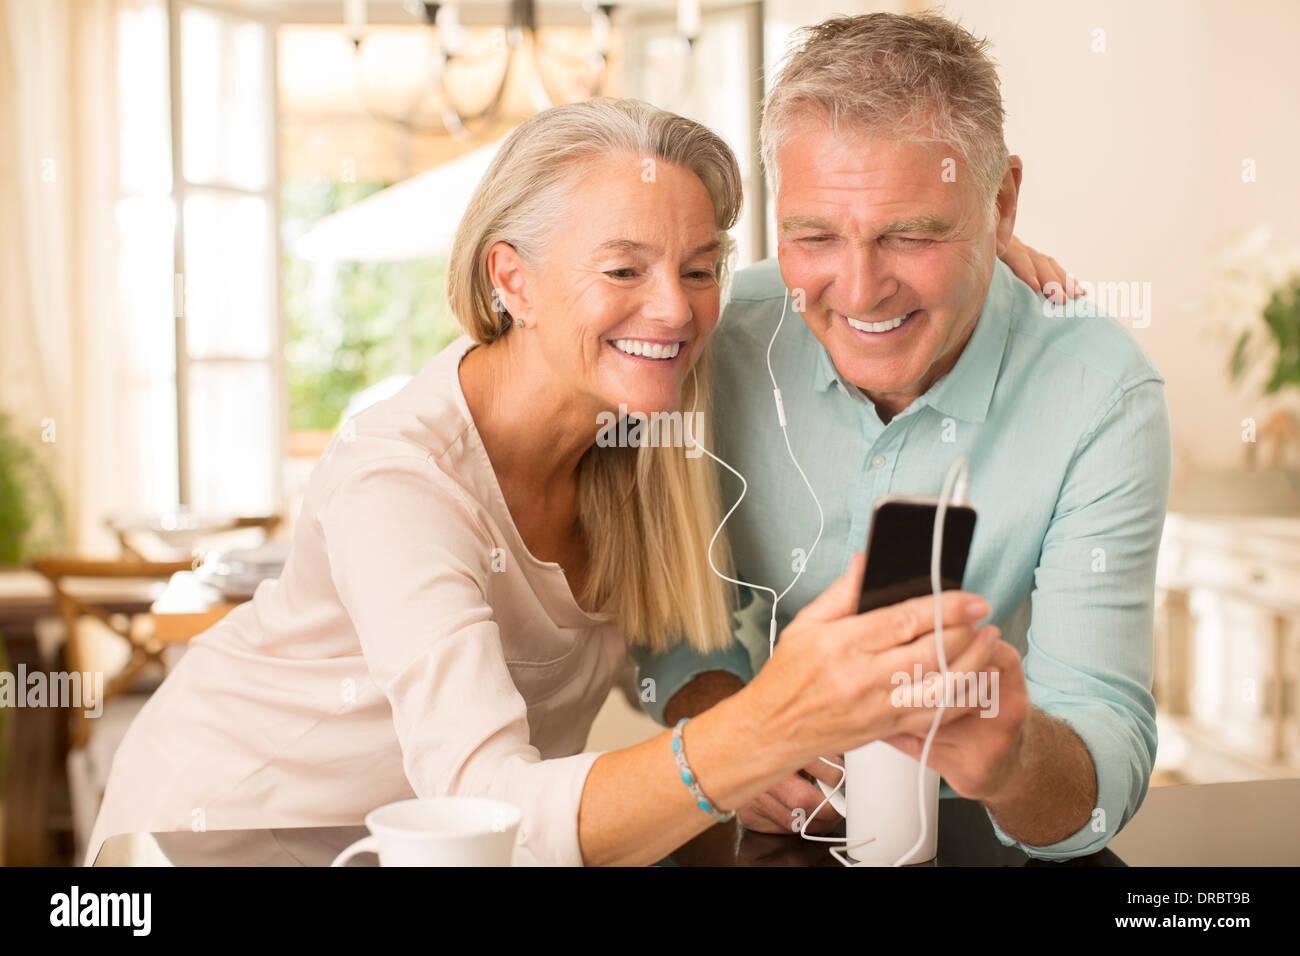 Älteres Paar Austausch von MP3-Player in der heimischen Küche Stockbild